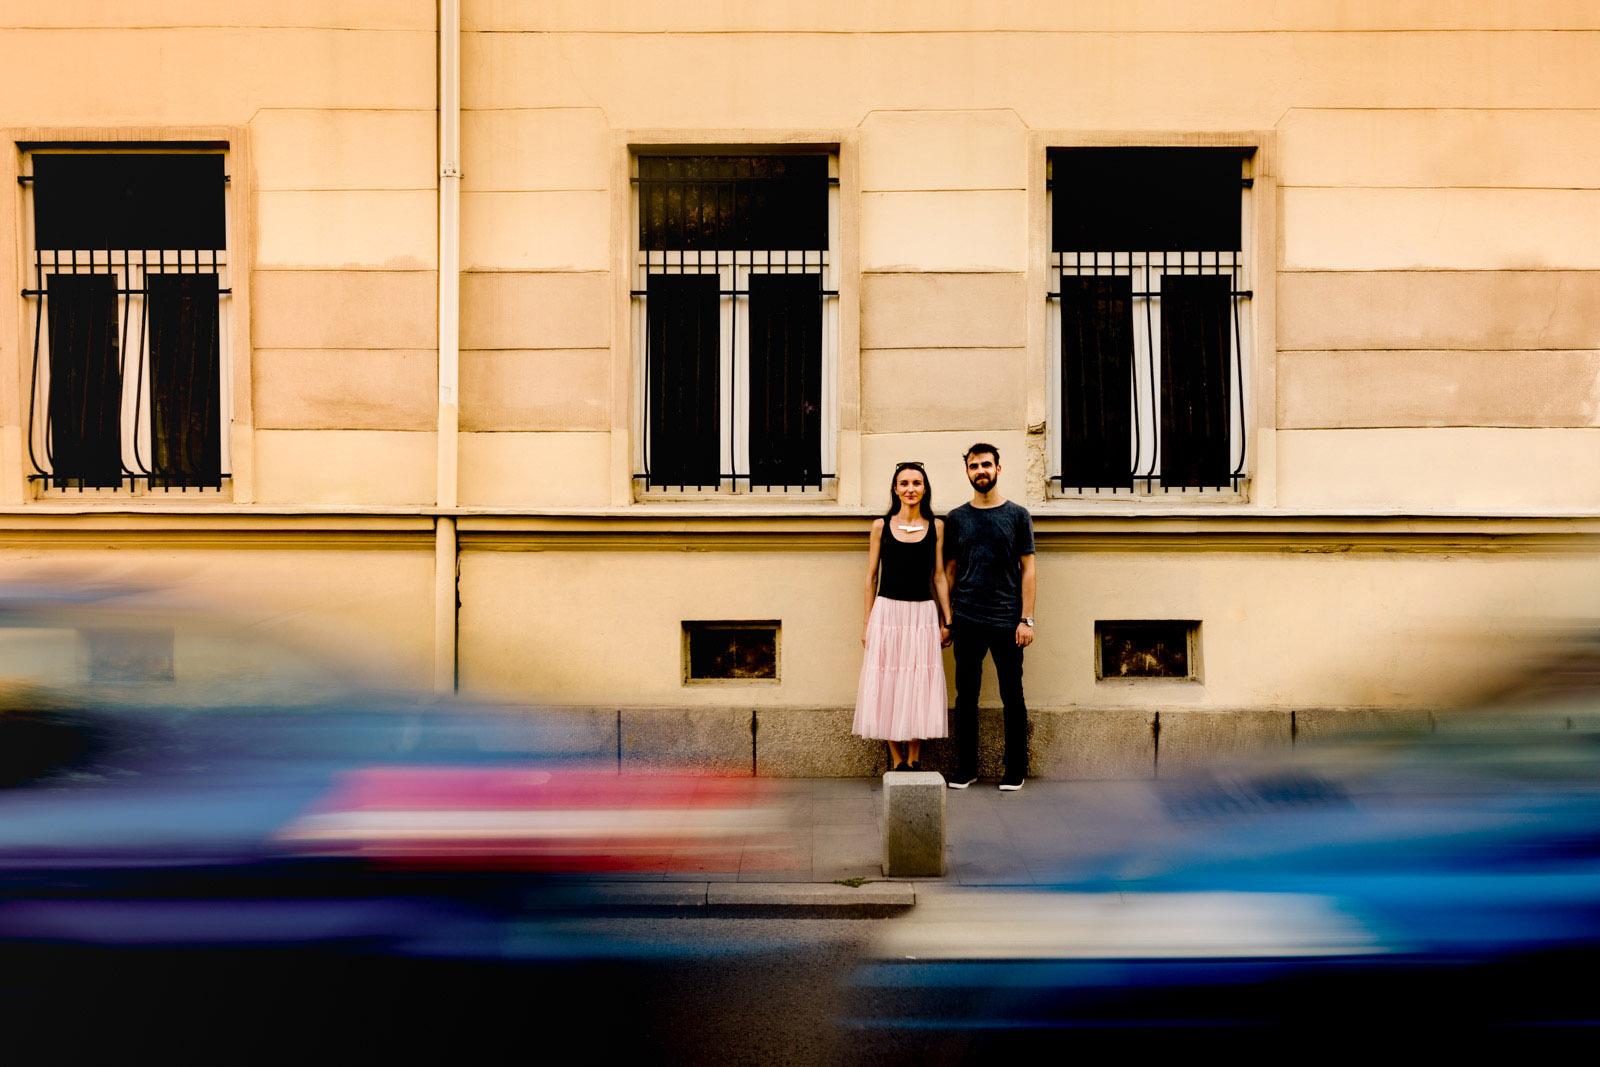 Sedinta foto cuplu Bucuresti- Sedinta foto save the date-fotograf bucuresti